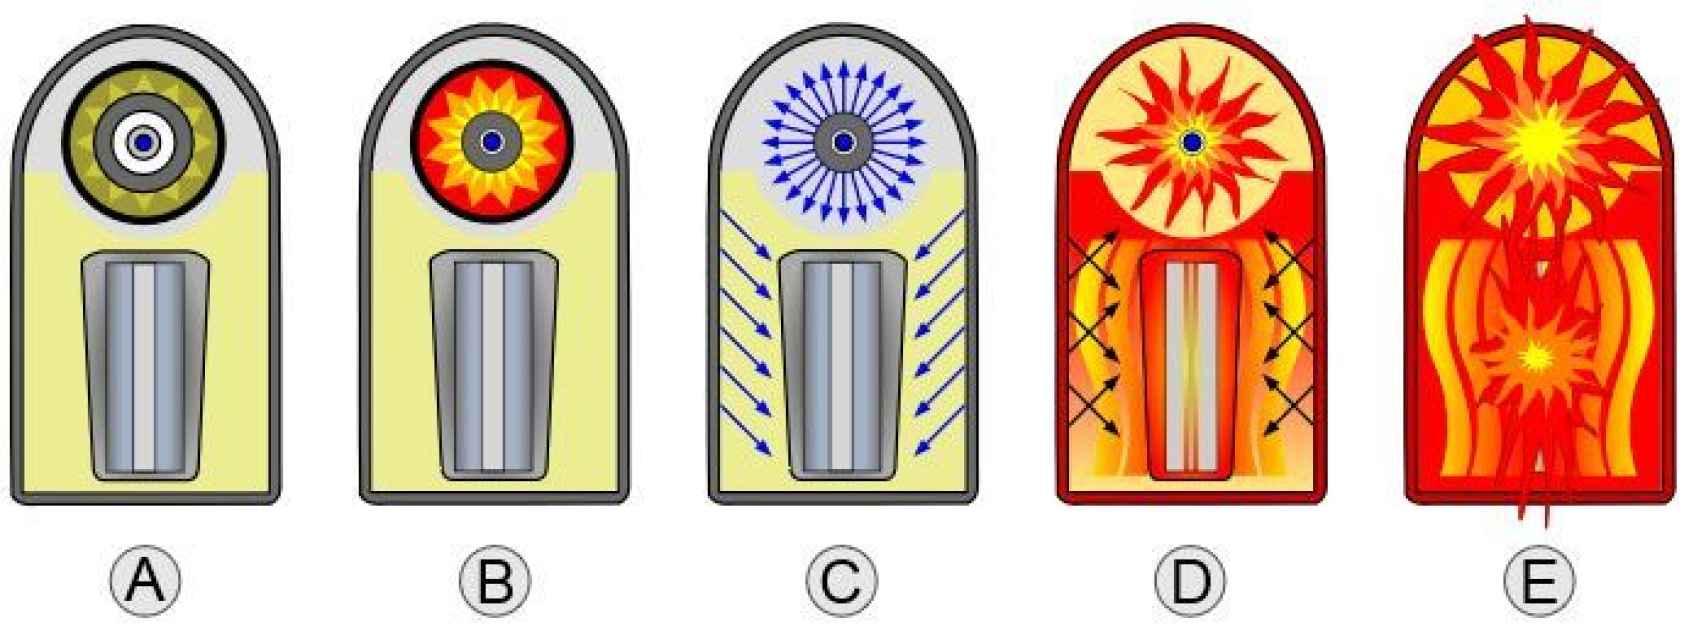 Gráfico mostrando la evolución de una bomba H.